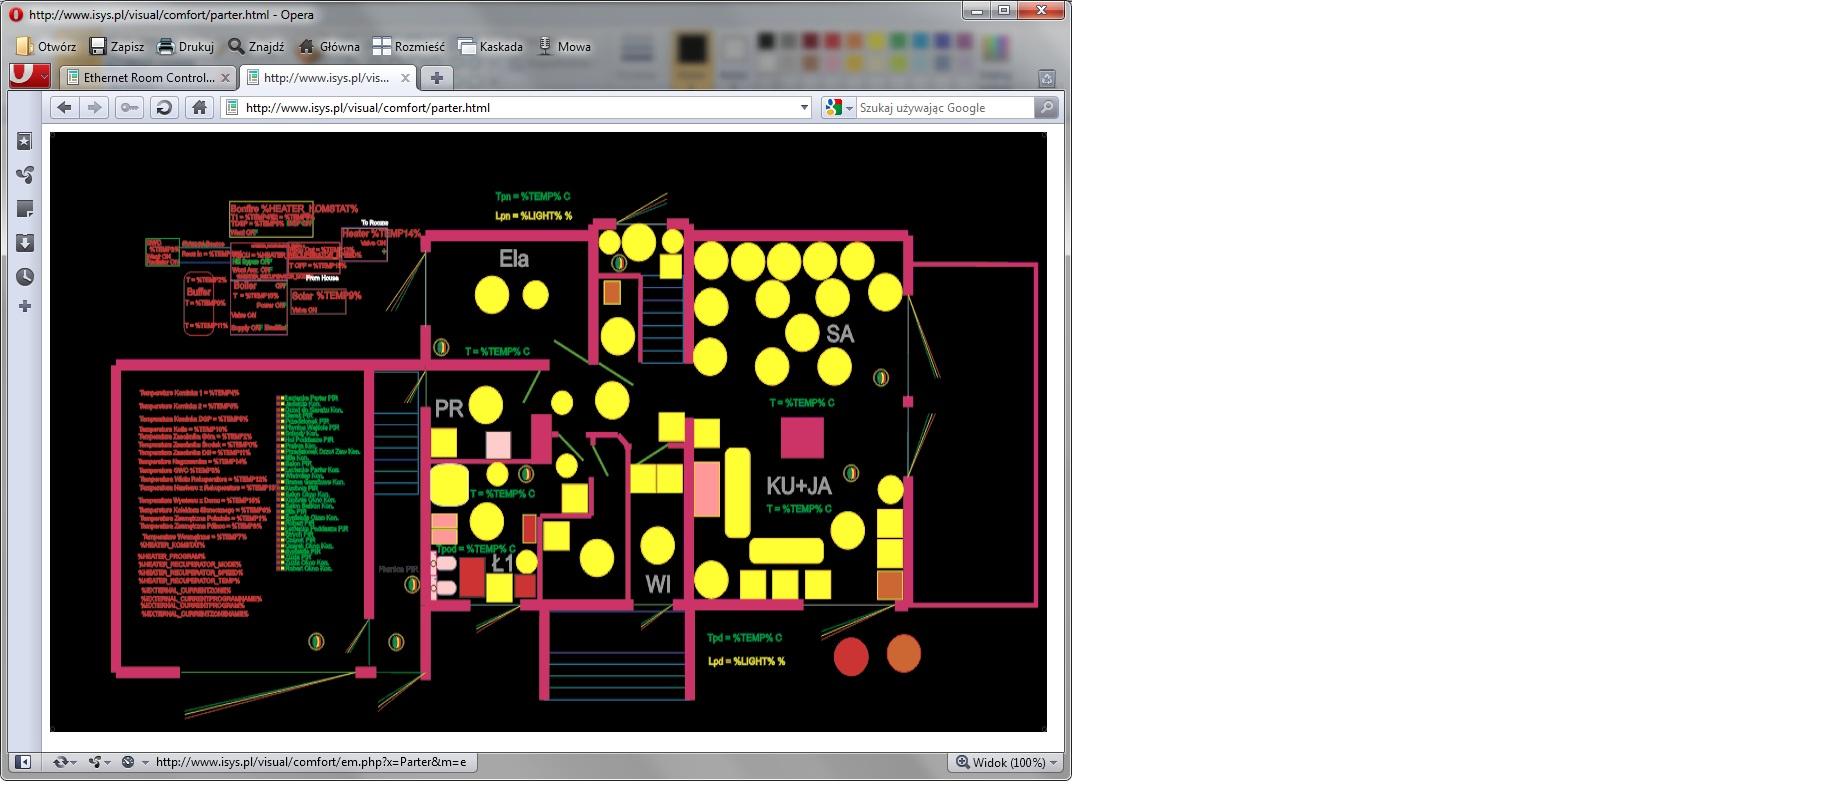 eHouse de control automatizarea clădirilor acasă cu un browser WWW (Harta HTML) versiune de confort pentru acelaşi proiect